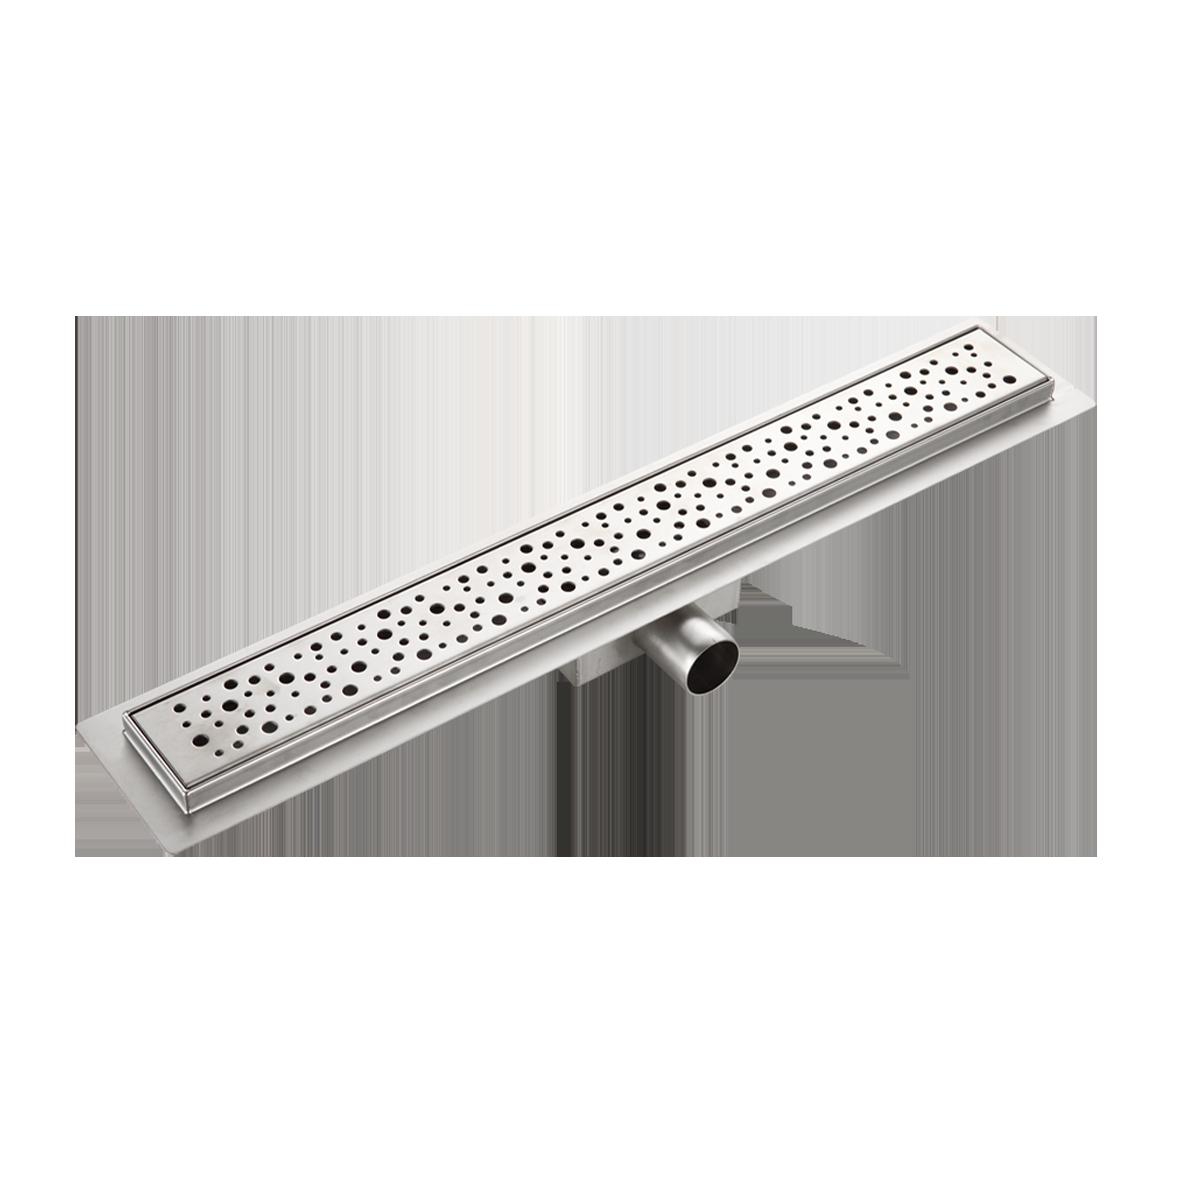 Душевой лоток из нержавеющей стали, сухой и мокрый затвор, 70 х 600 мм, Gappo G86007-2 - фото